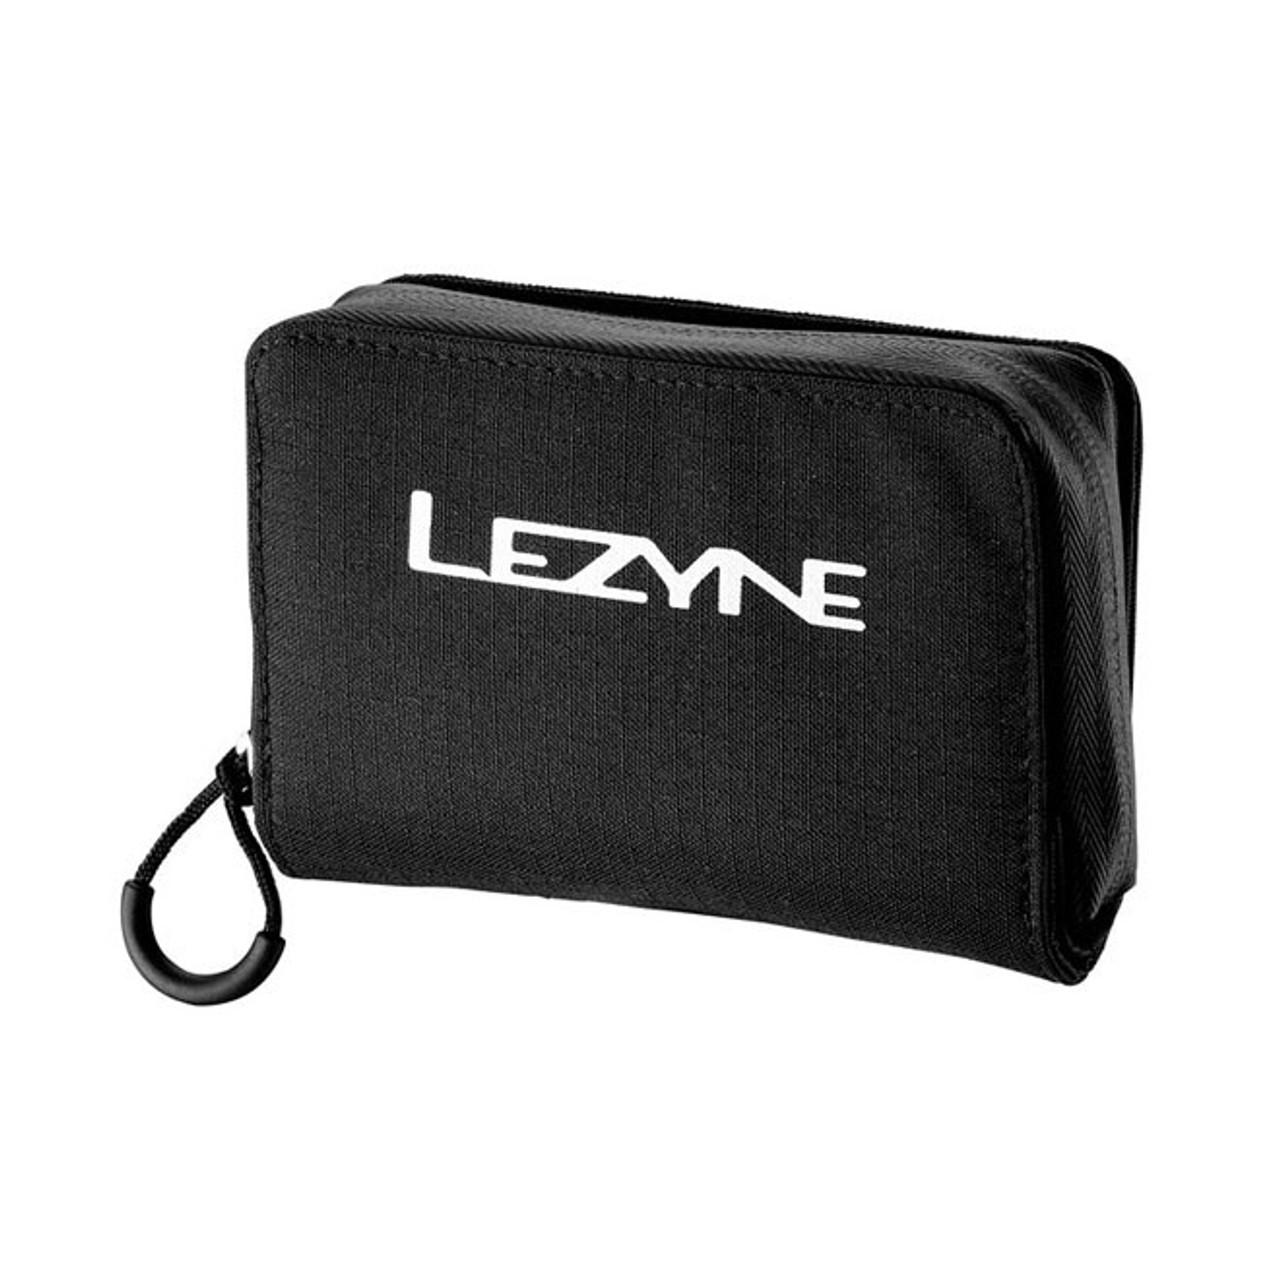 Lezyne Phone Wallet In Black